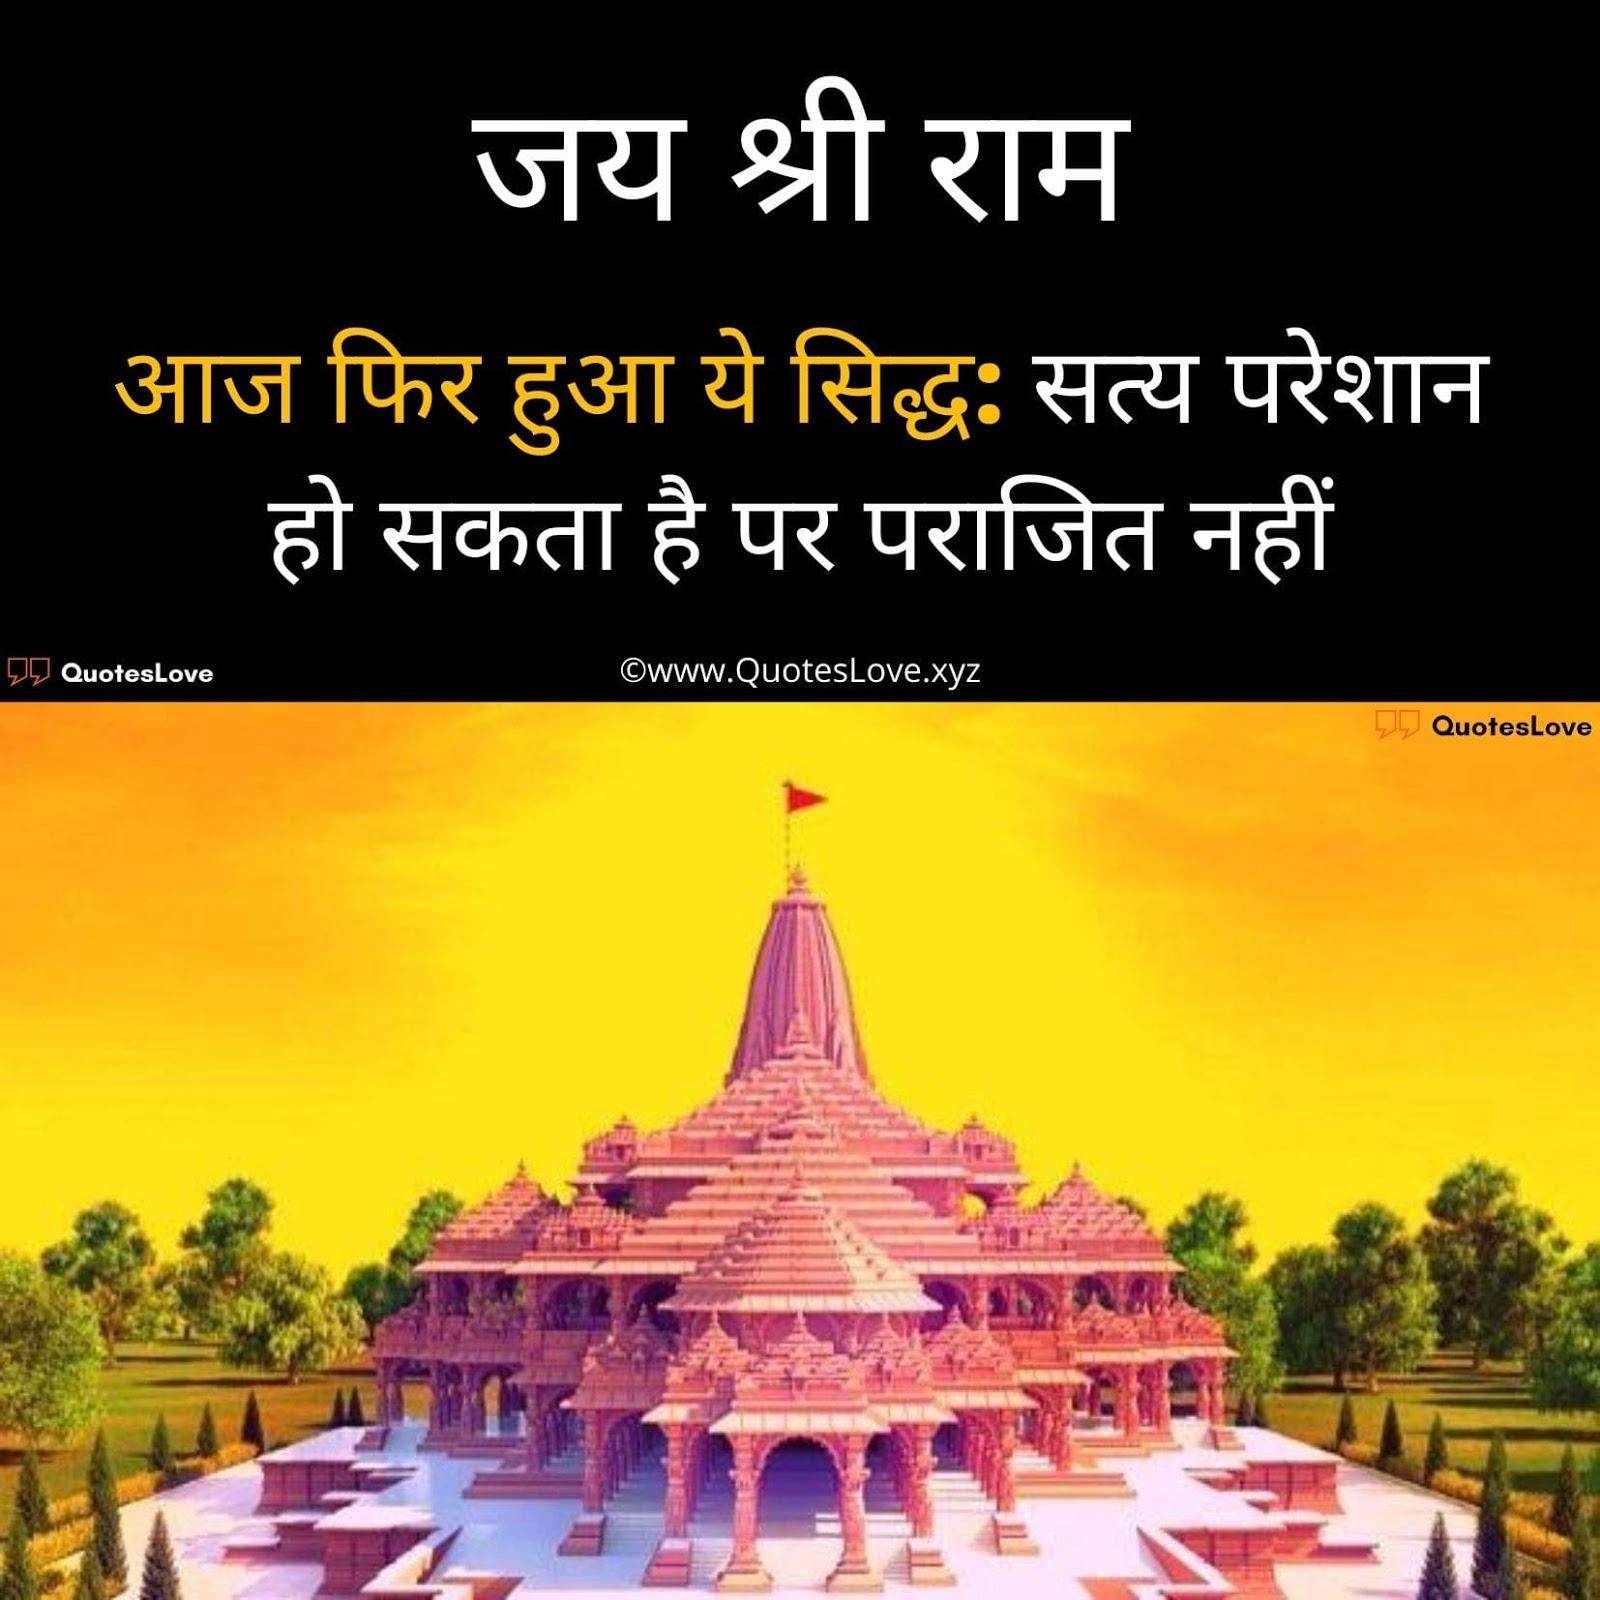 Ayodhya Ram Mandir Photo, Images, Status